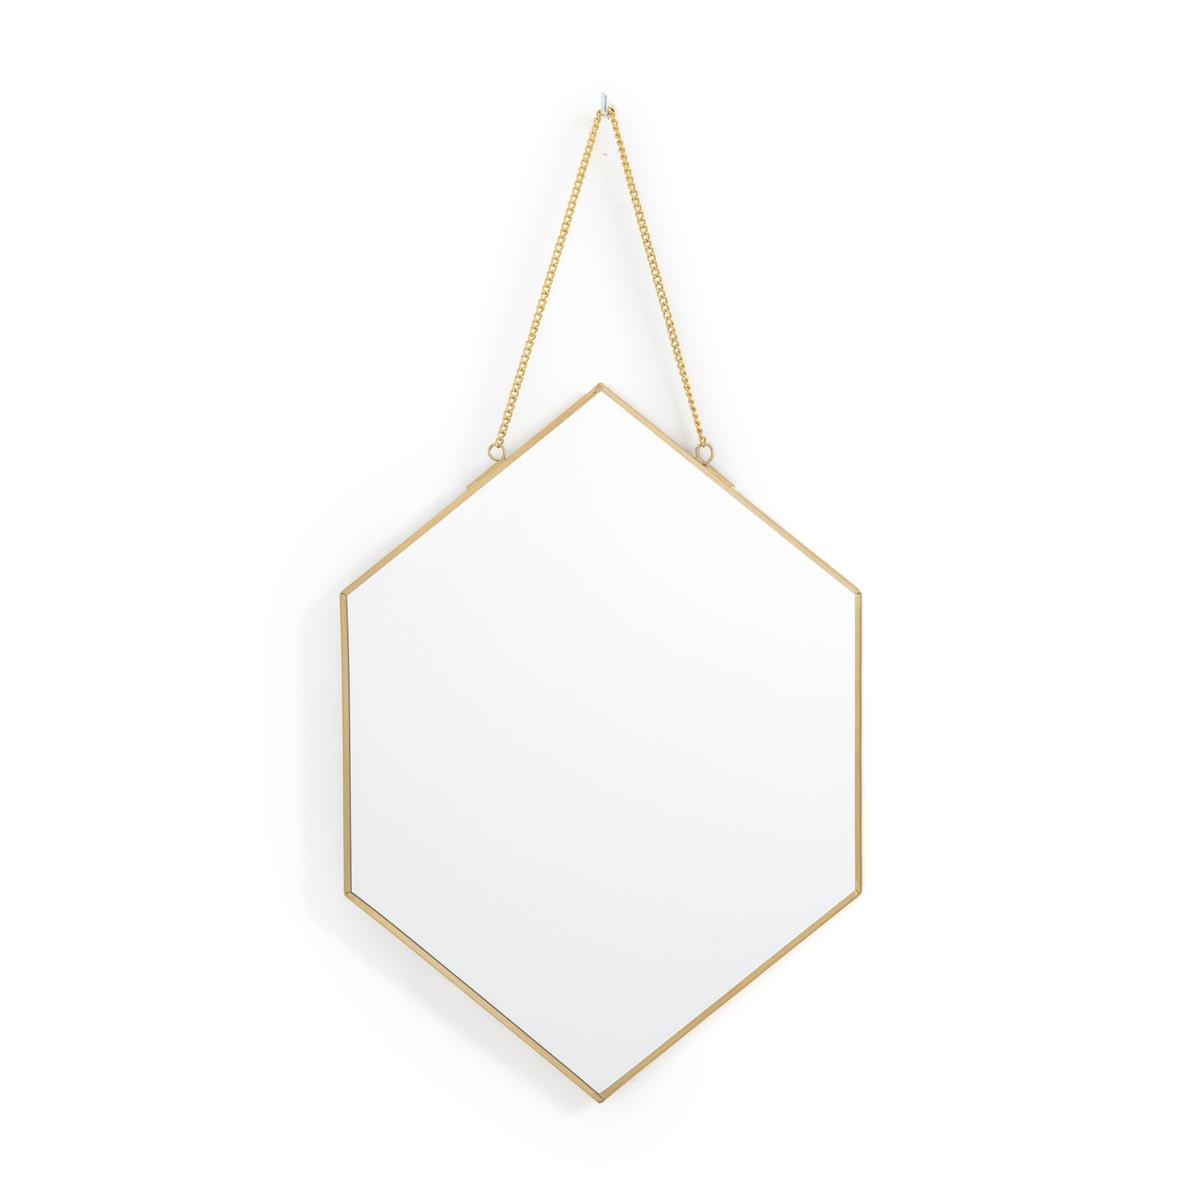 Зеркало La Redoute В форме шестиугольника Uyova единый размер другие зеркало la redoute в индустриальном стиле в форме окна lenaig единый размер черный